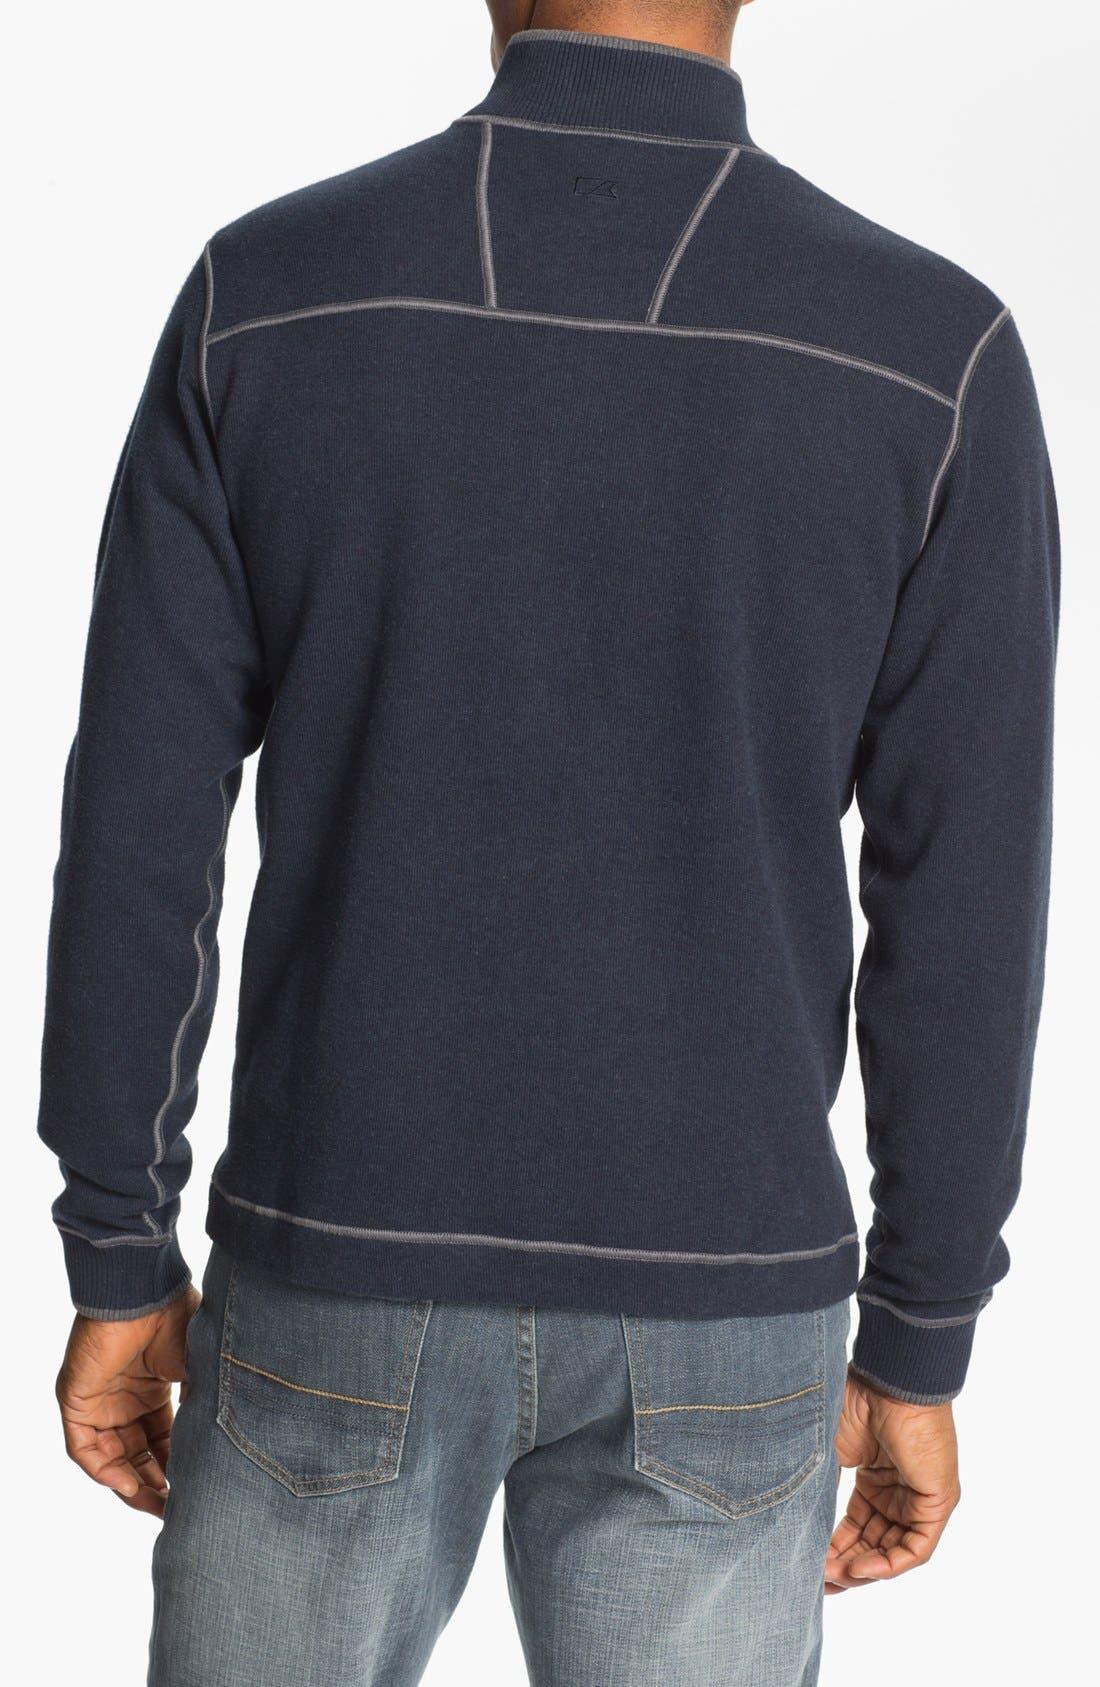 Alternate Image 2  - Cutter & Buck 'Overtime' Regular Fit Half Zip Sweater (Big & Tall)